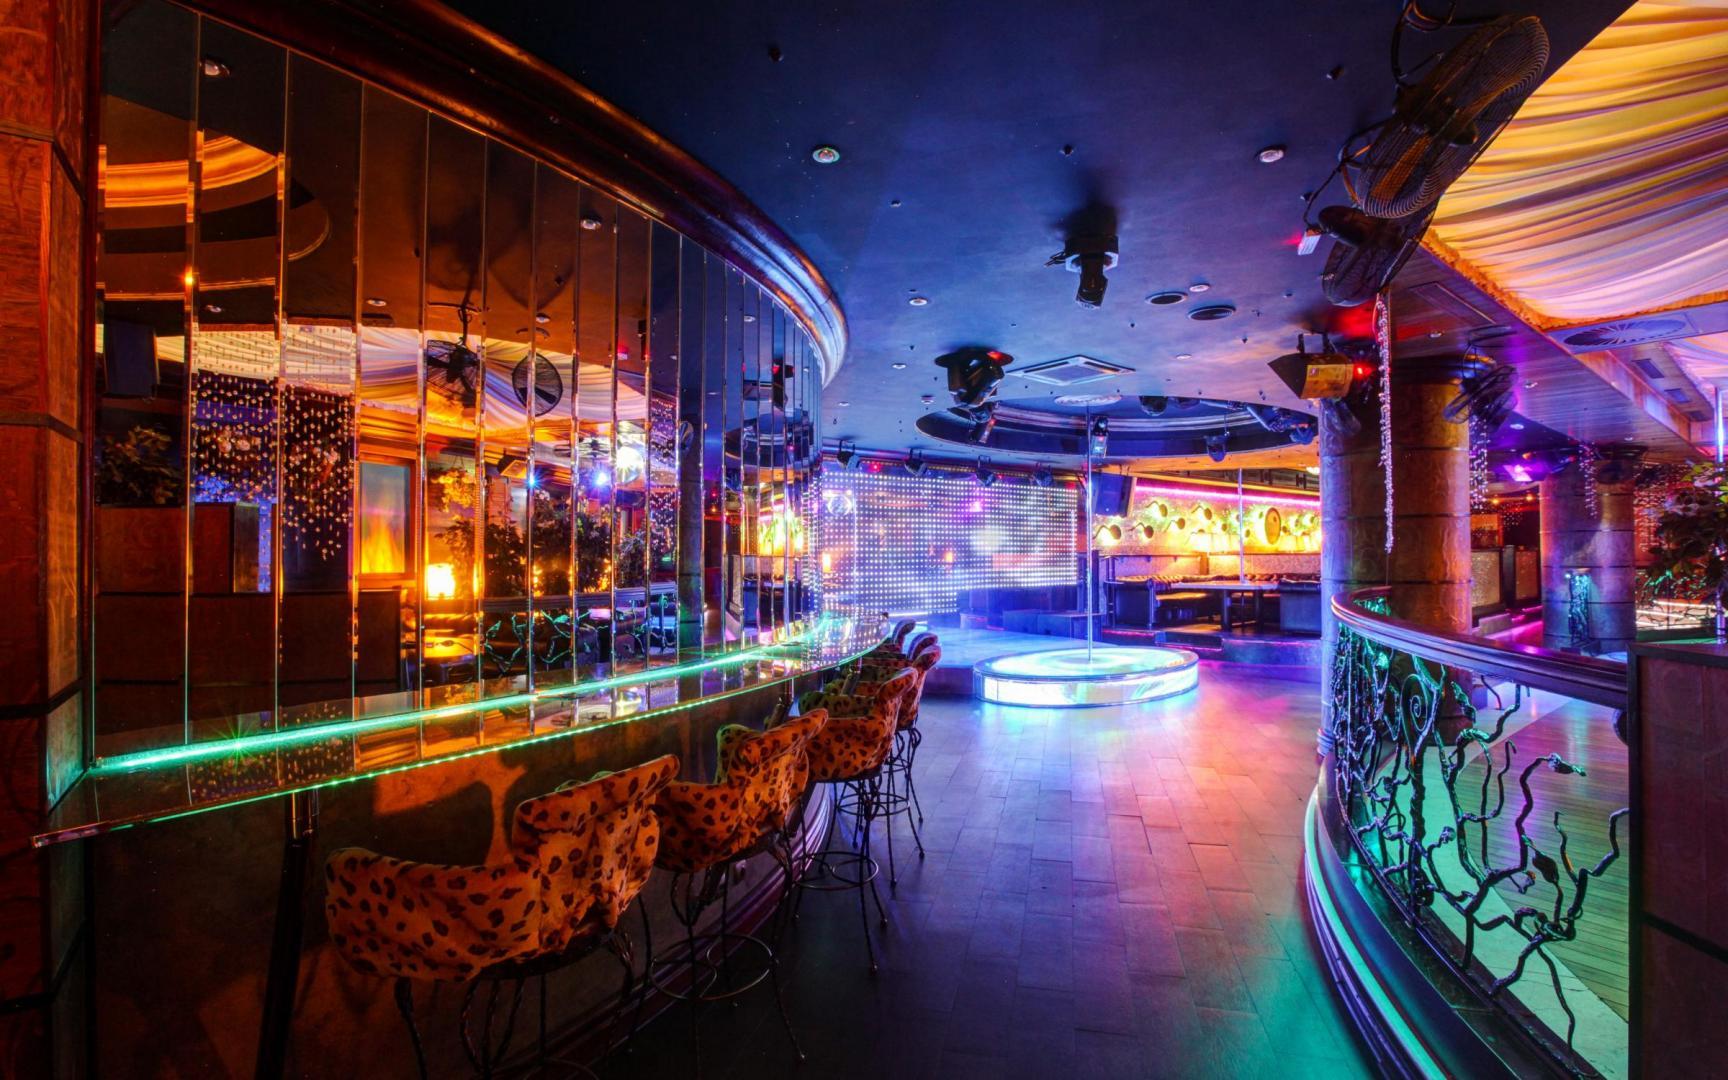 Стриптиз клуб эгоист в москве ответственность ночного клуба